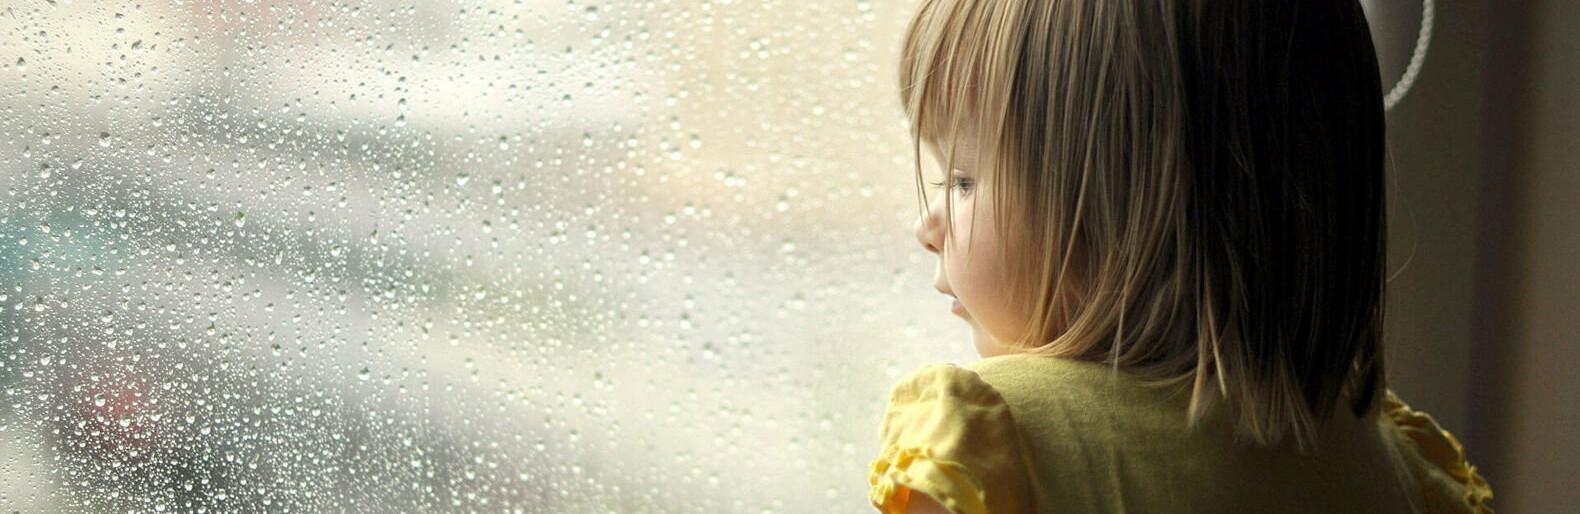 В Одессе из-за конфликта с мамой ребенок ушел из дома, - ФОТО0